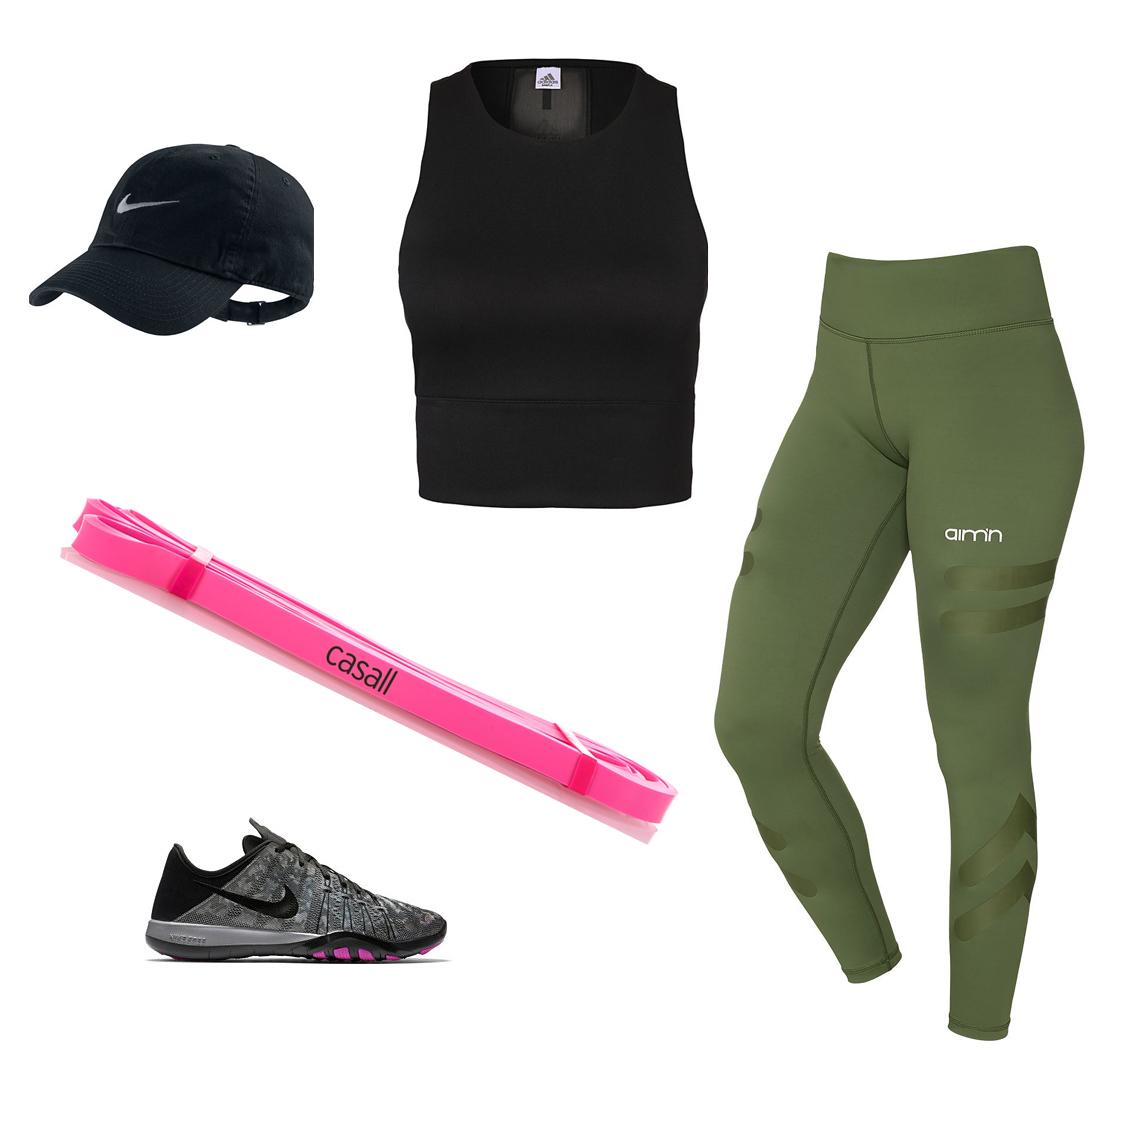 Träning med gummiband hemma, träningsbyxor, rosa gummiband